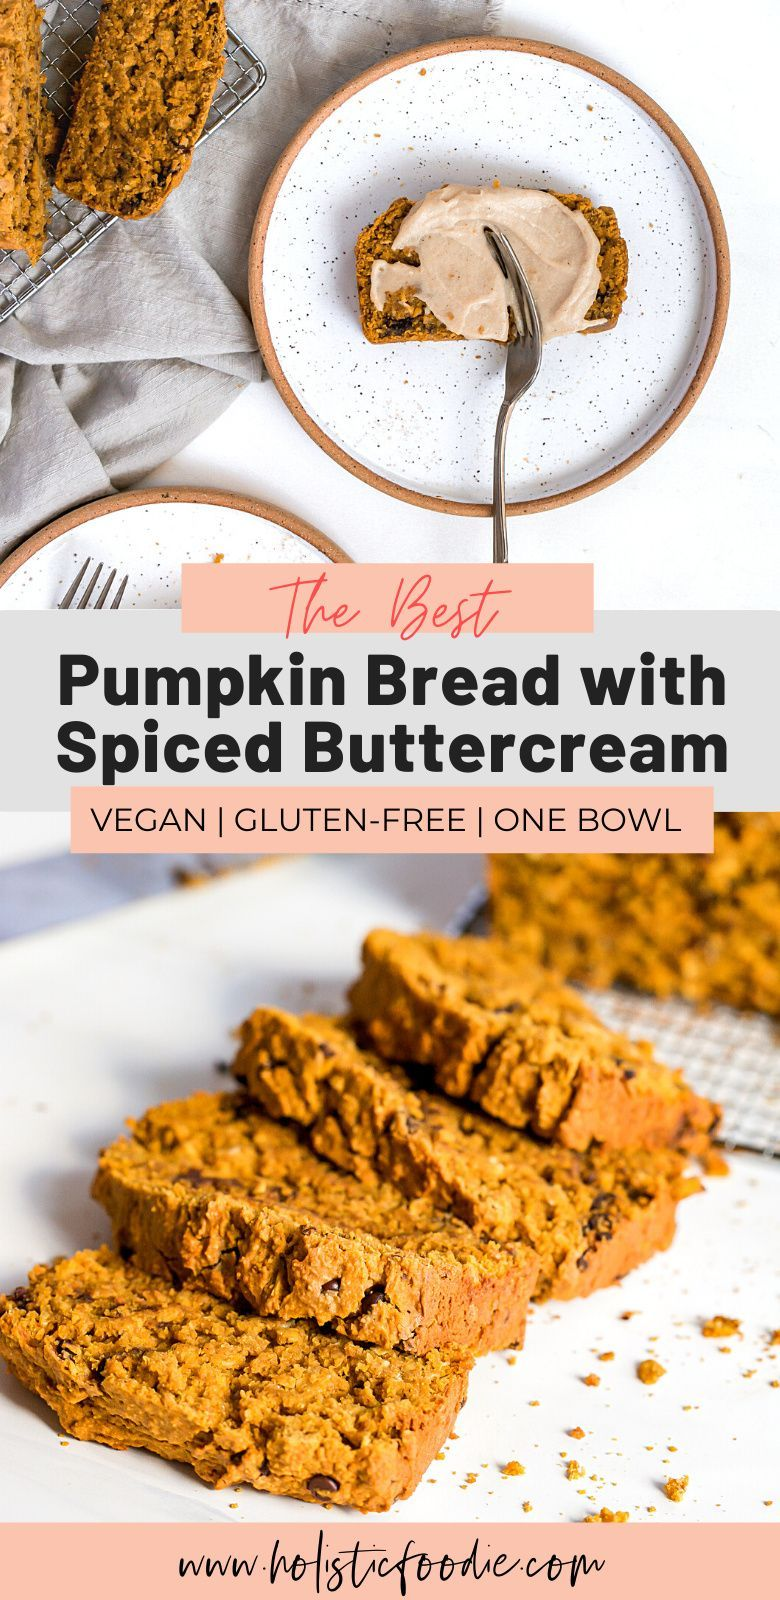 Vegan Gluten Free Pumpkin Bread Made In One Bowl Holistic Foodie Recipe In 2020 Pumpkin Bread Pumpkin Recipes Gluten Free Pumpkin Bread